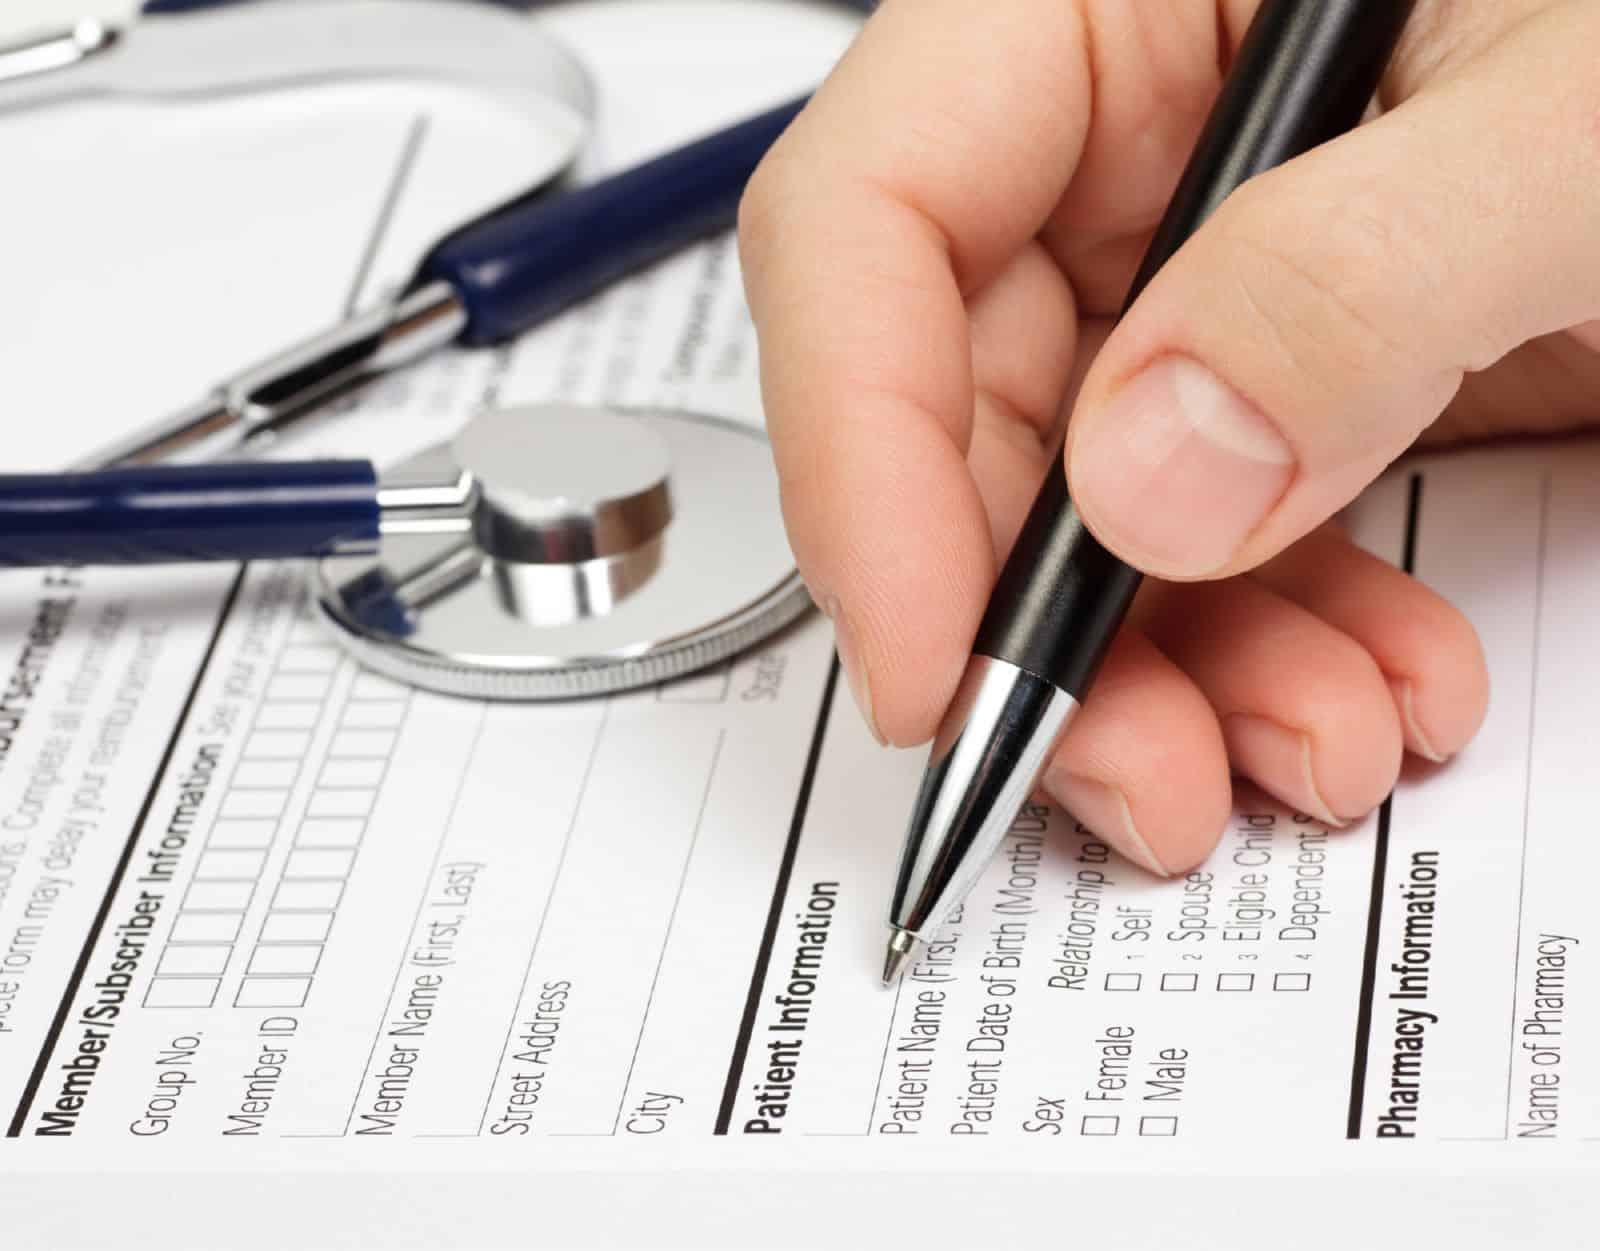 Коды болезней в больничных листах в россии